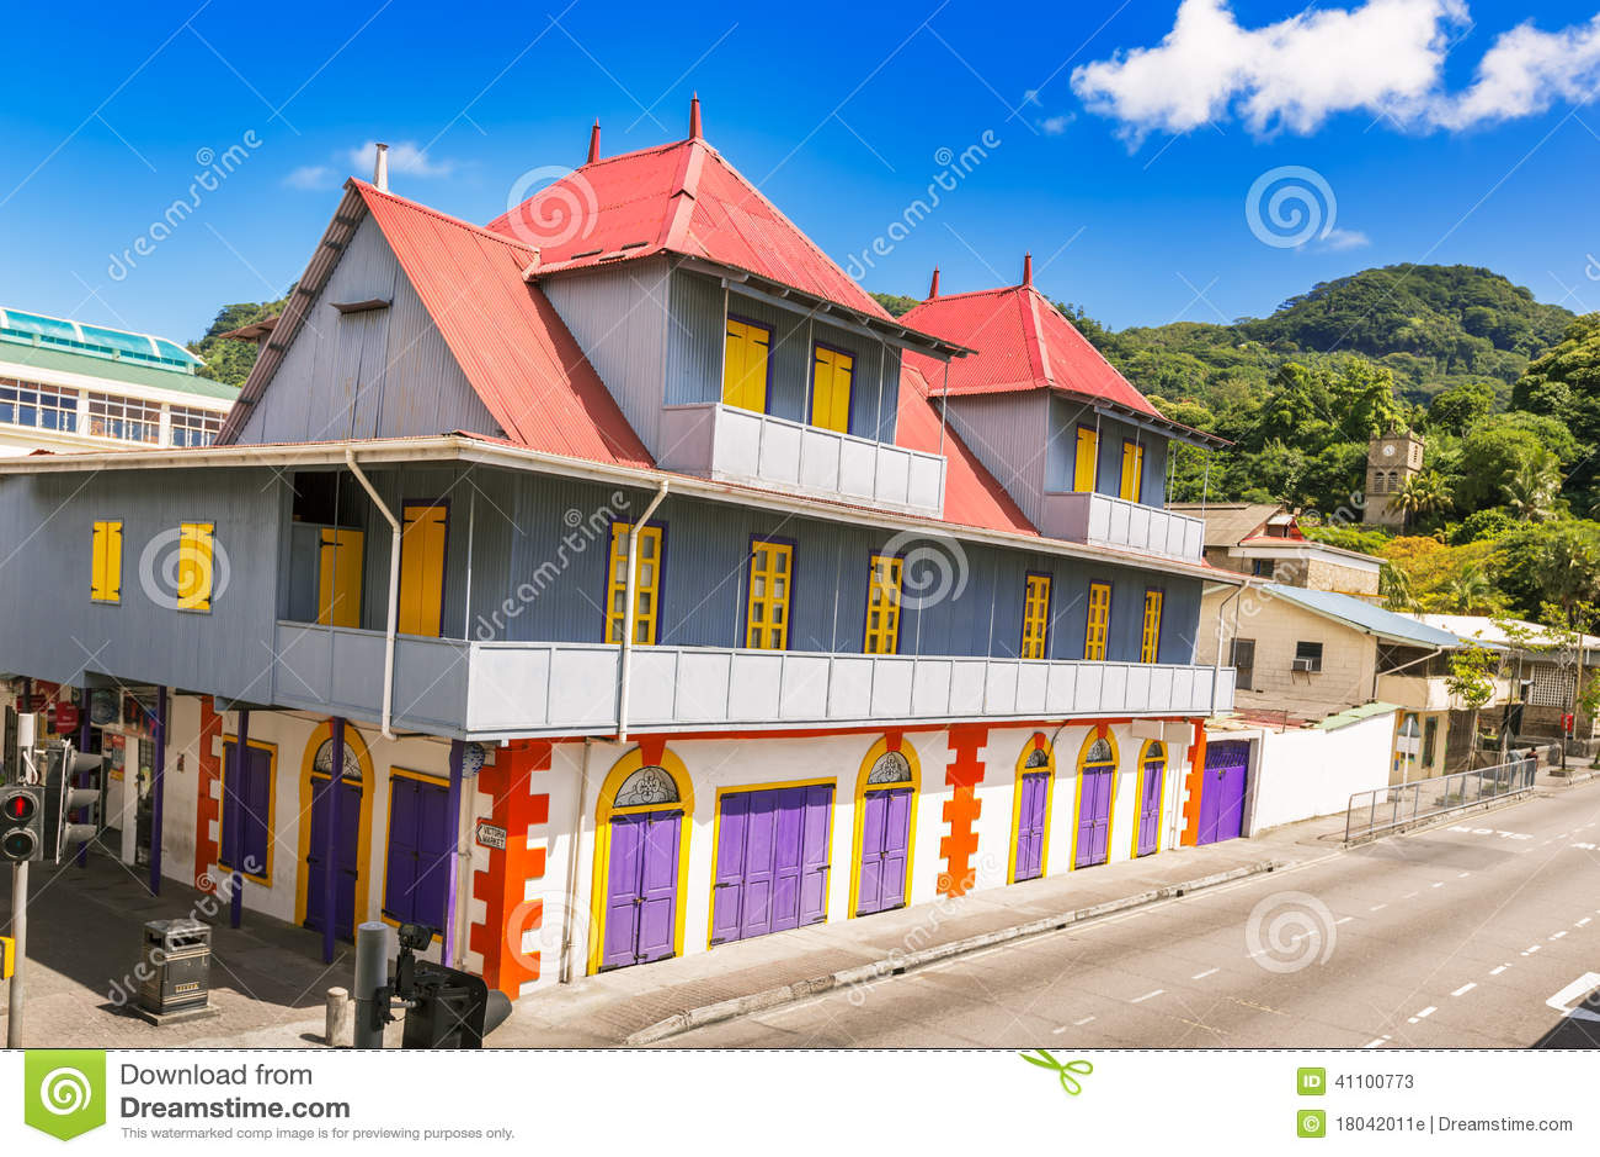 Jivan Importuje budynek jeden ikona Seychelles's dziedzictwo